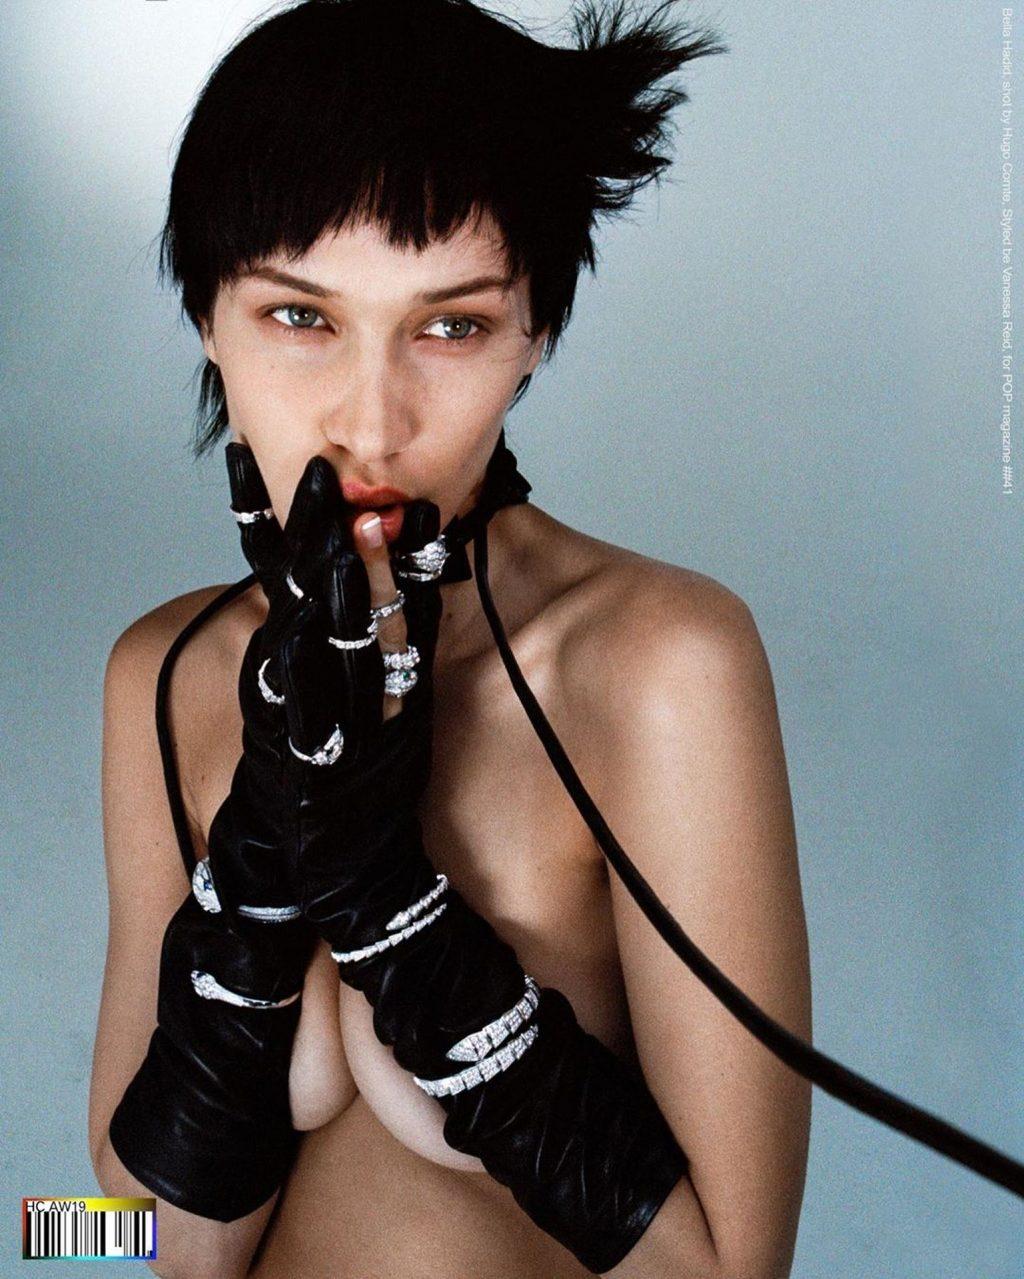 Bella Hadid Topless Thefappeningblog Com 2 1024x1279